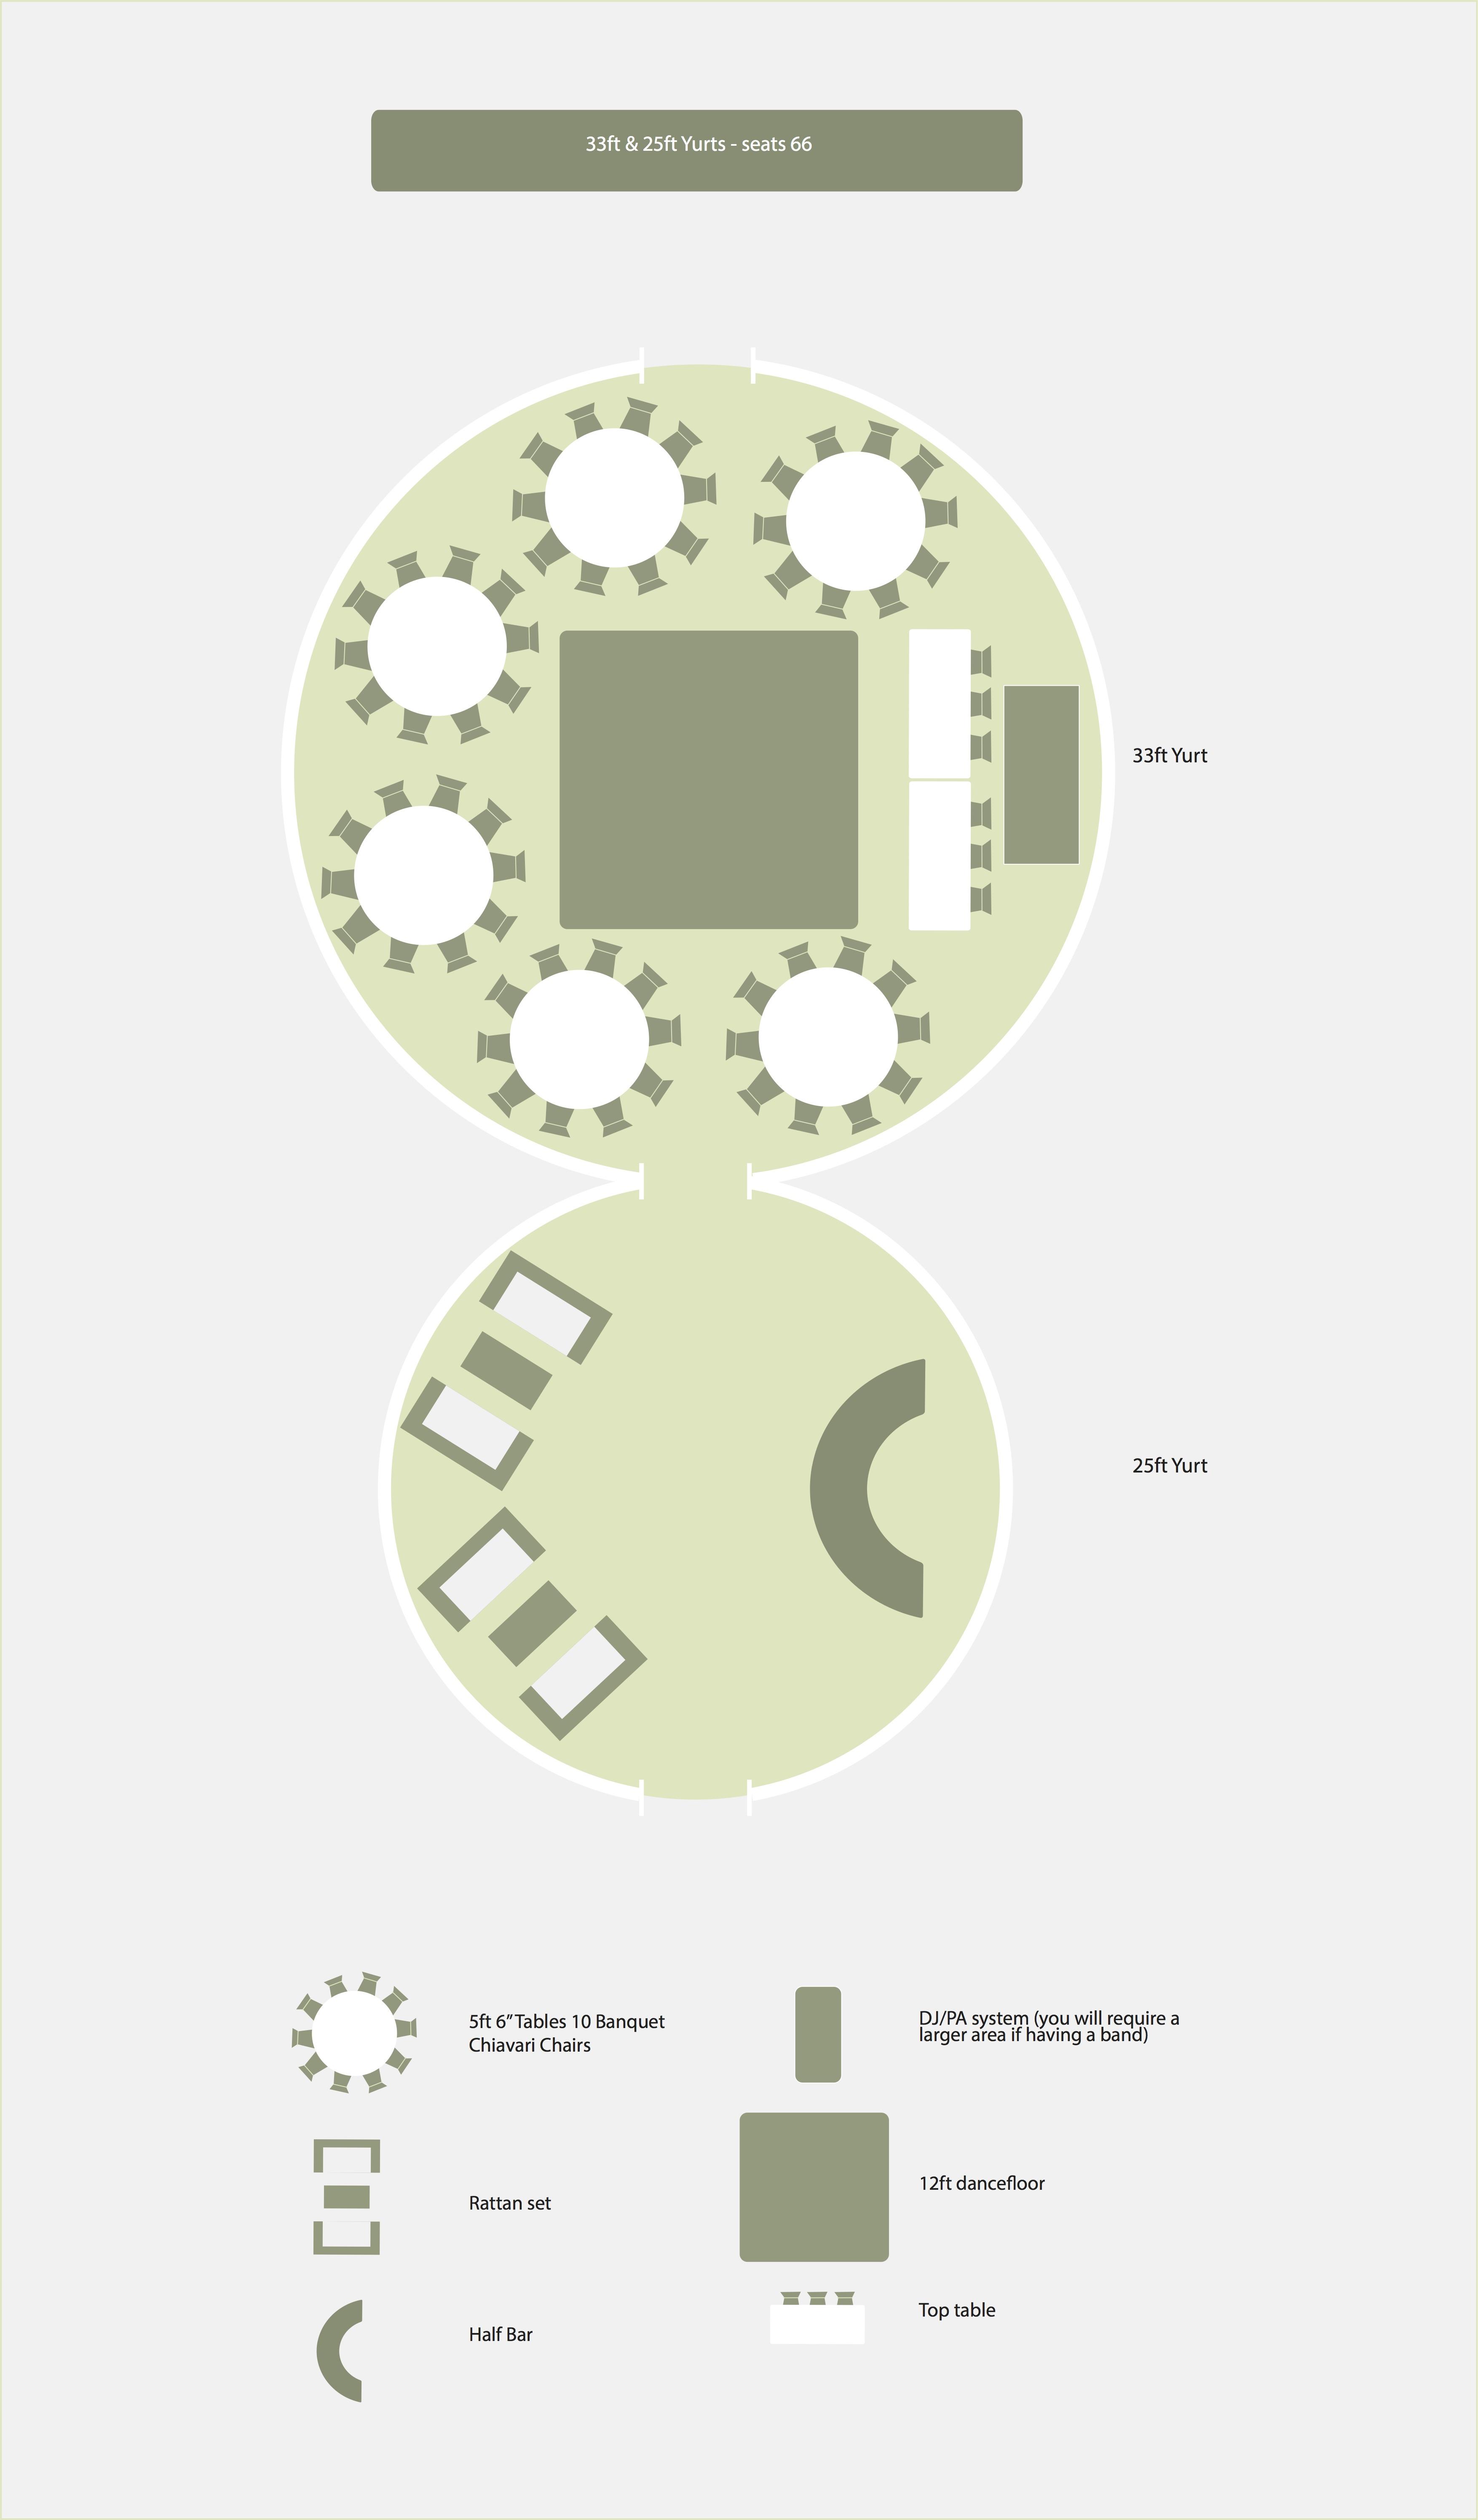 Round Table Seating Capacity 33ft Yurt Yorkshire Yurts Yorkshire Yurts